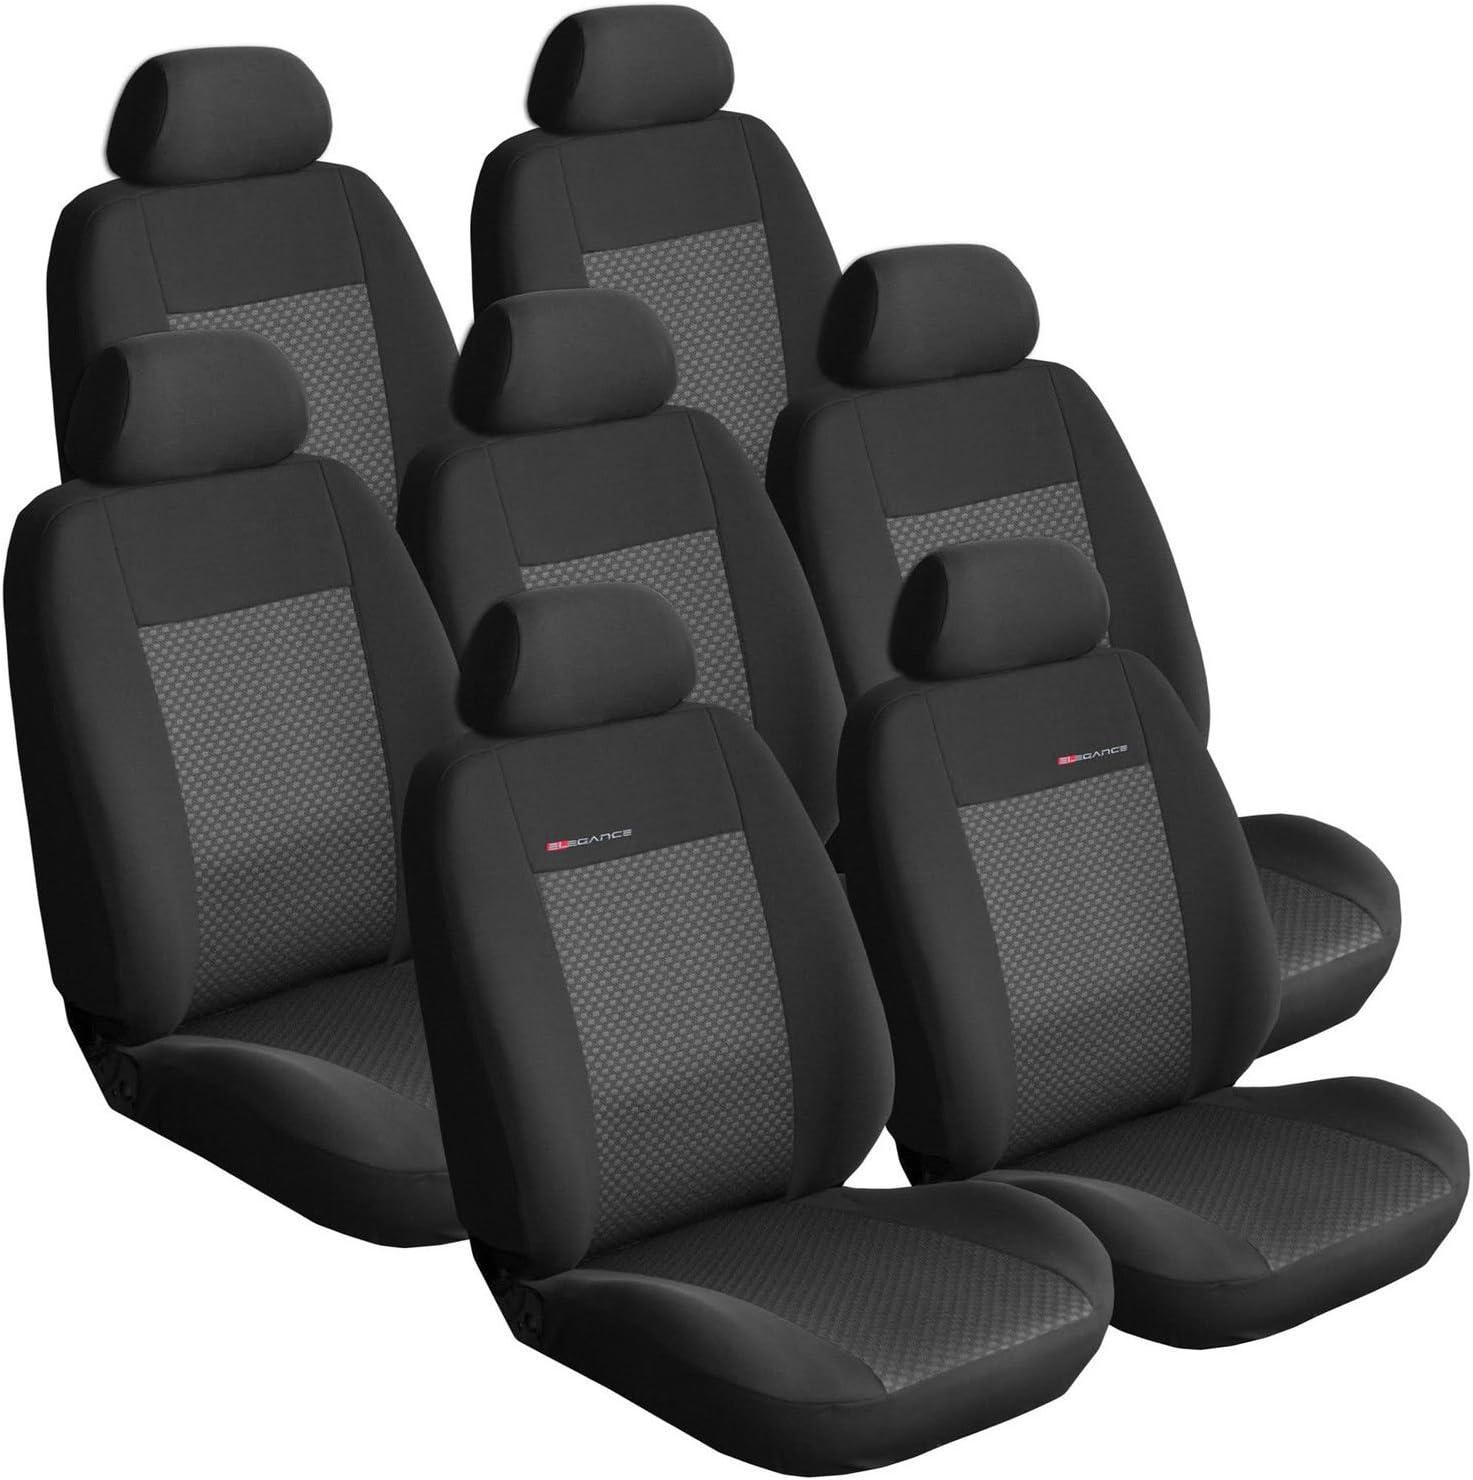 Opel Zafira B ab 05 7-Sitze Autositzbezüge Schonbezüge Schonbezug Sitzbezug Auto